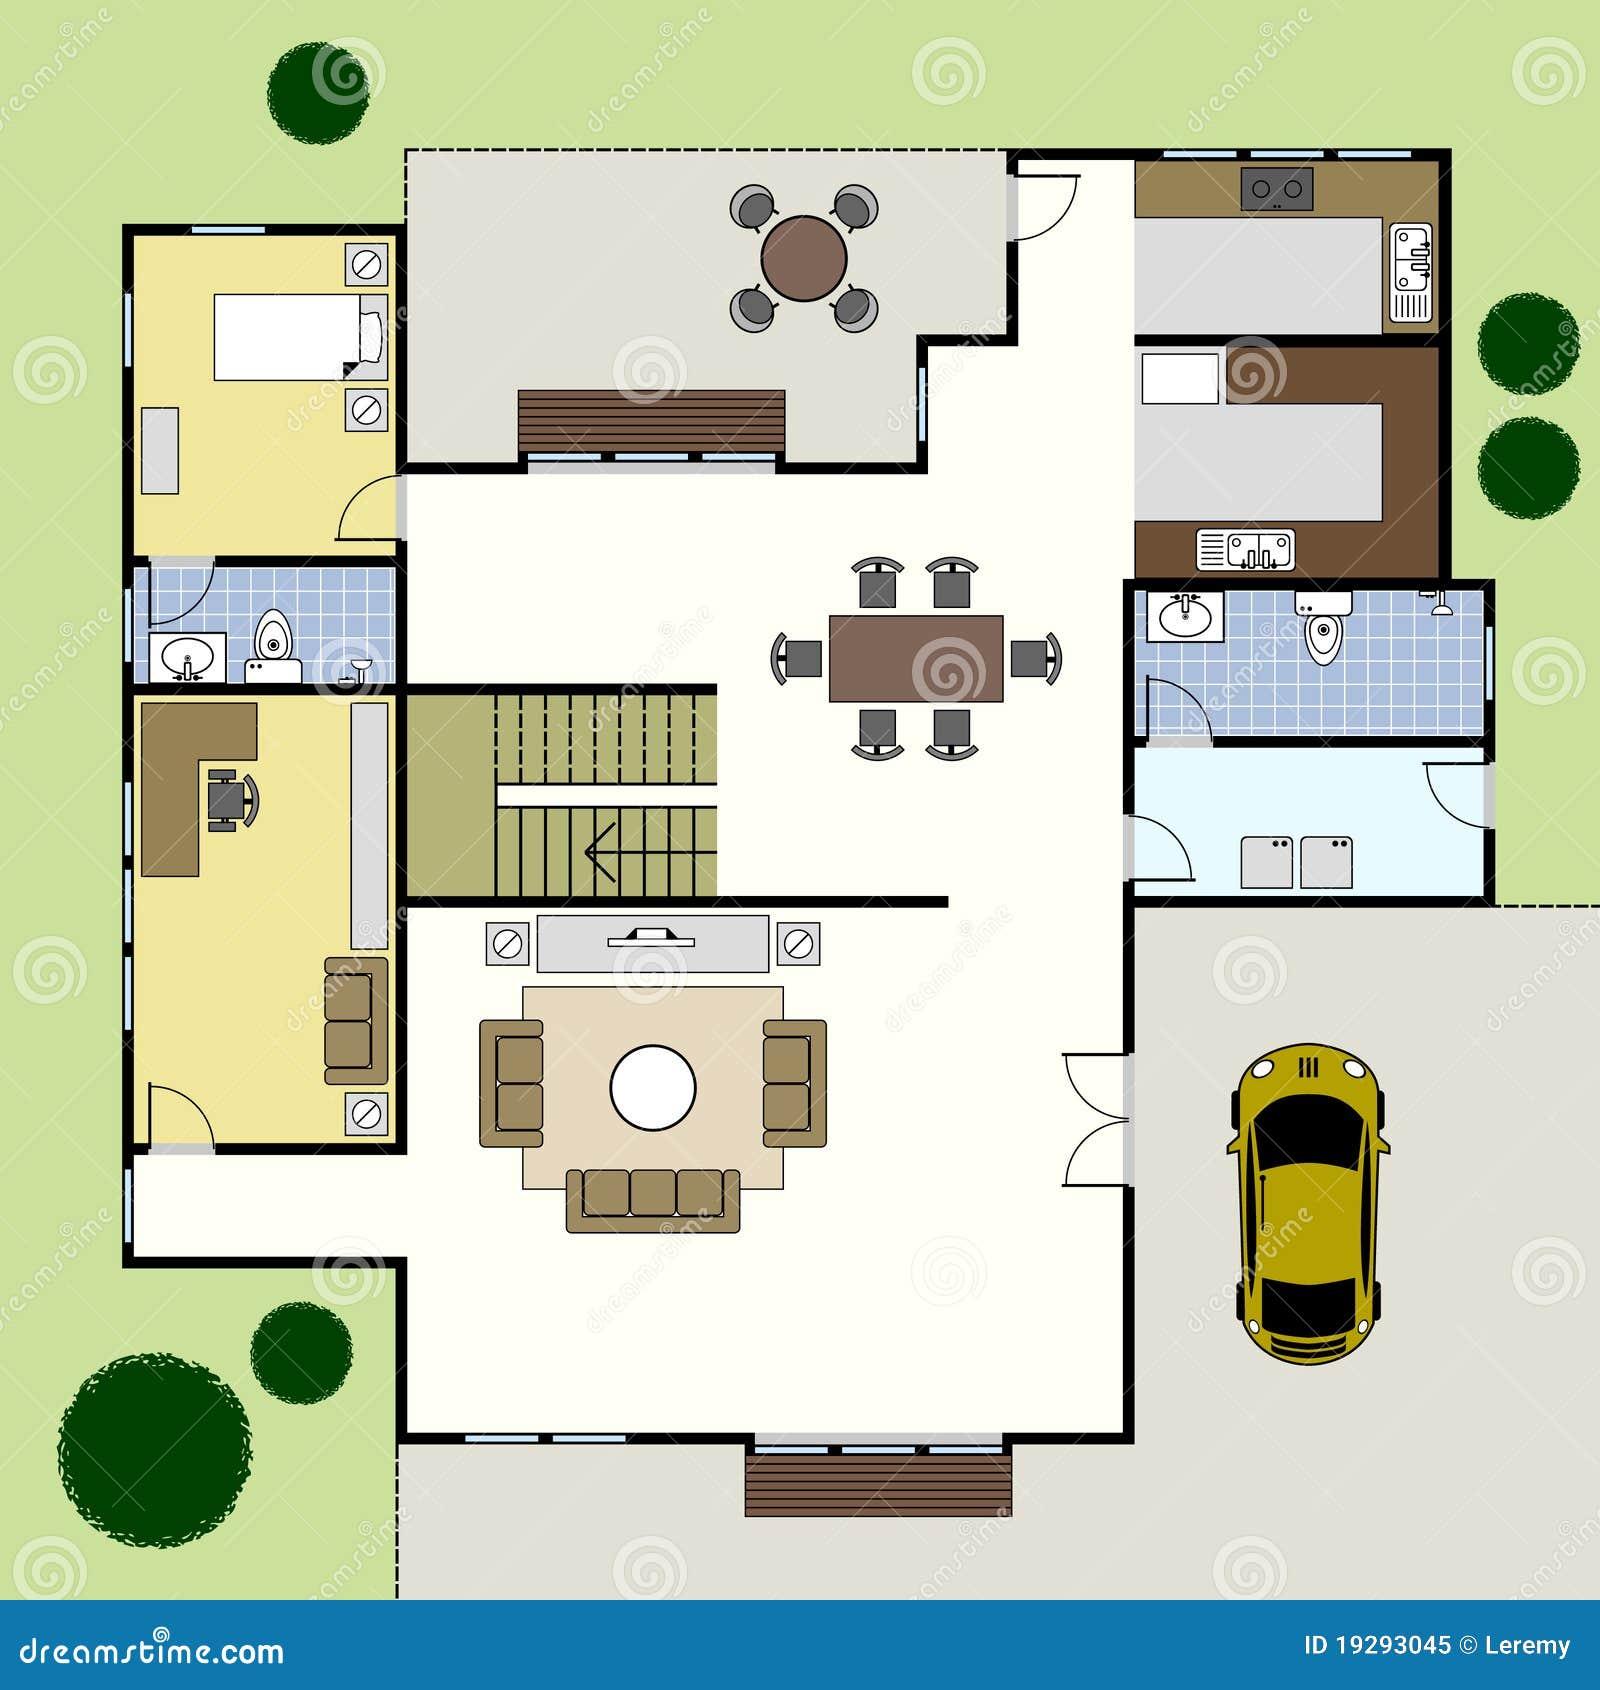 Floorplan Of A House Casa Da Planta Da Arquitetura De Floorplan Ilustra 231 227 O Do